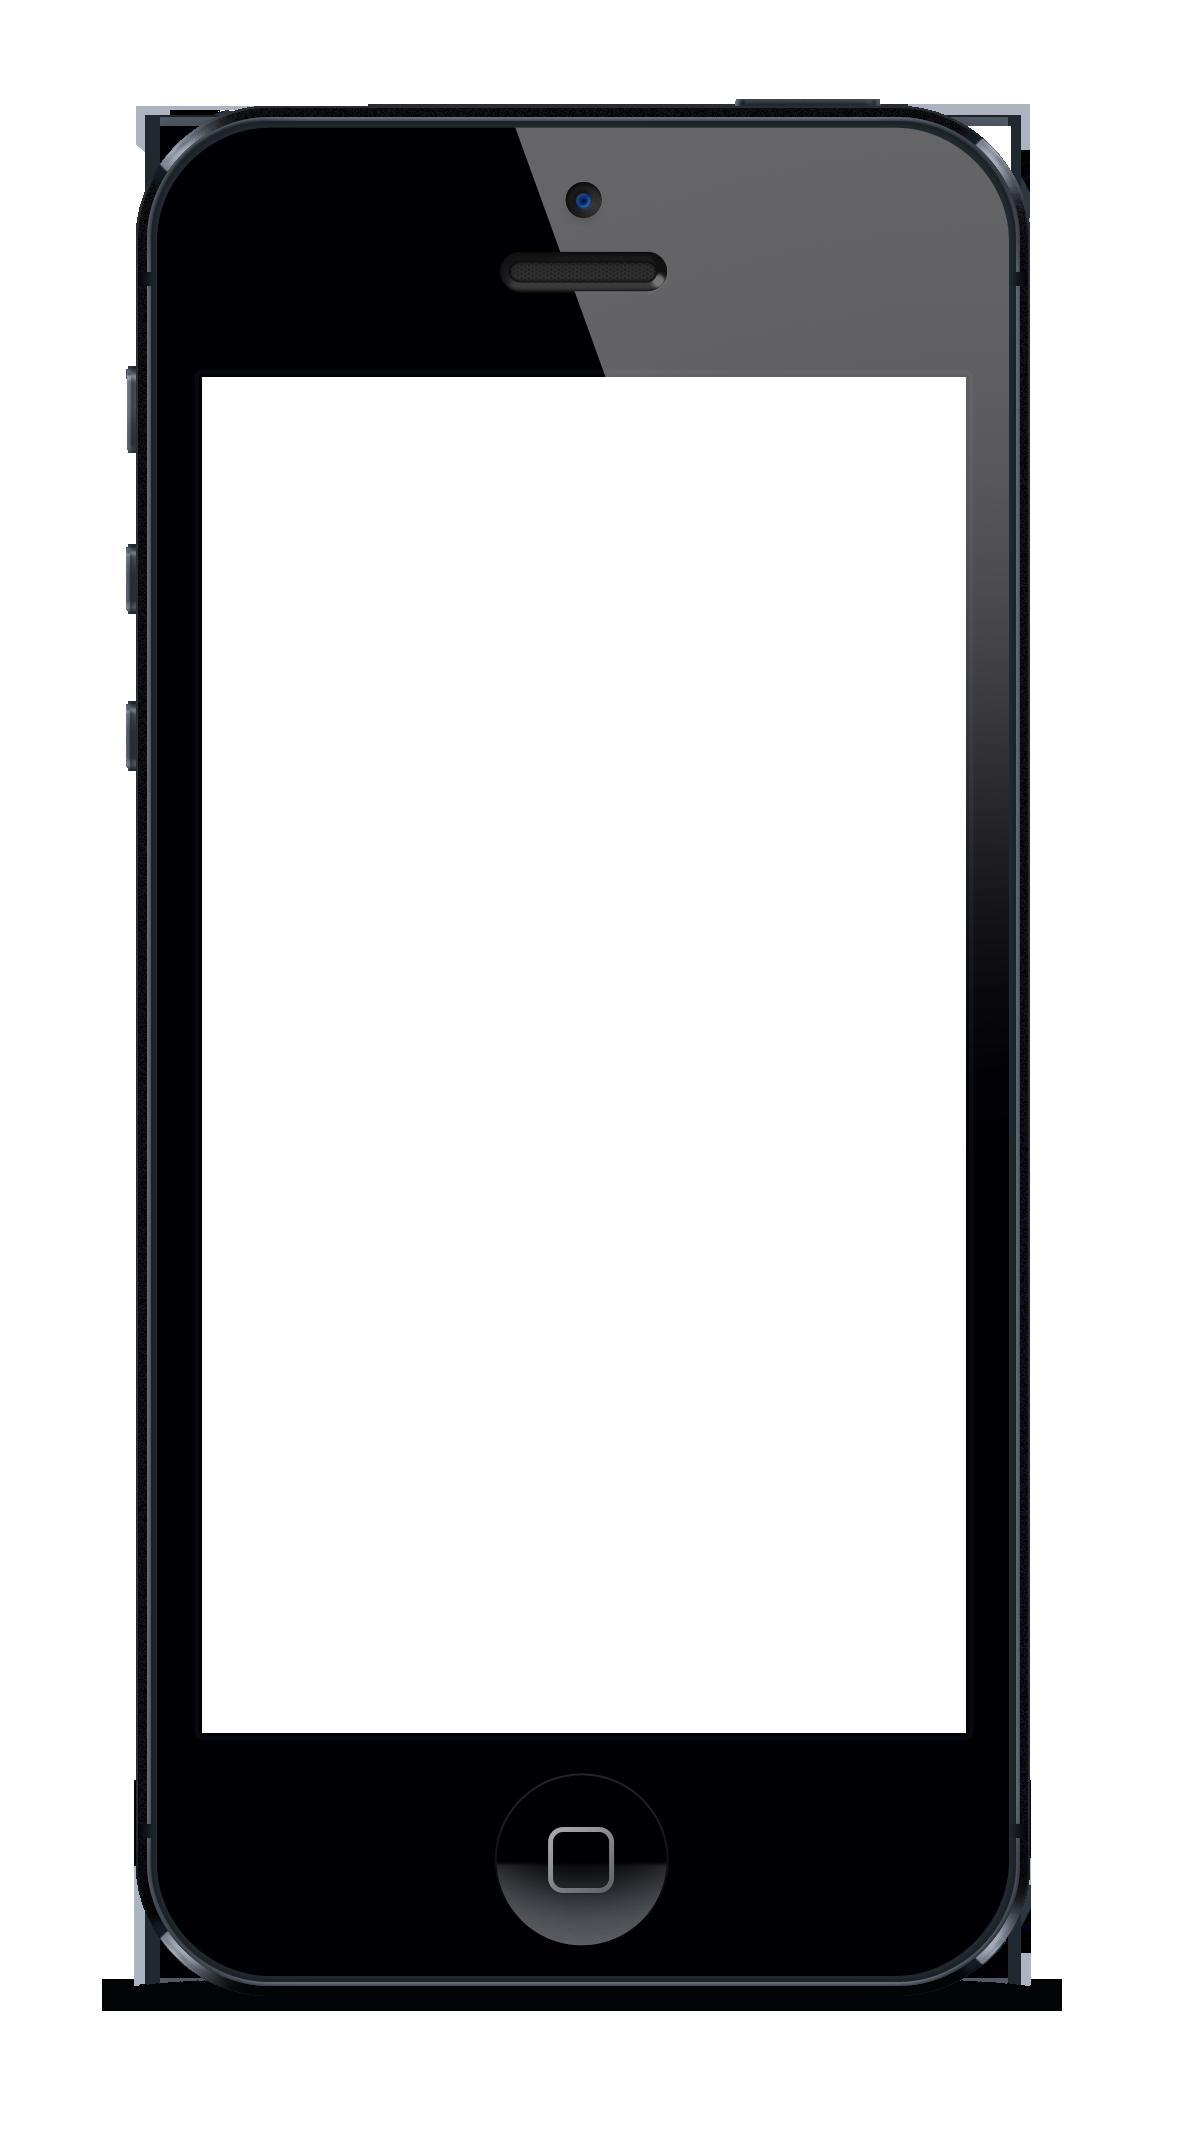 тому, картинка телефона айфона на прозрачном фоне подберет выгодный ракурс